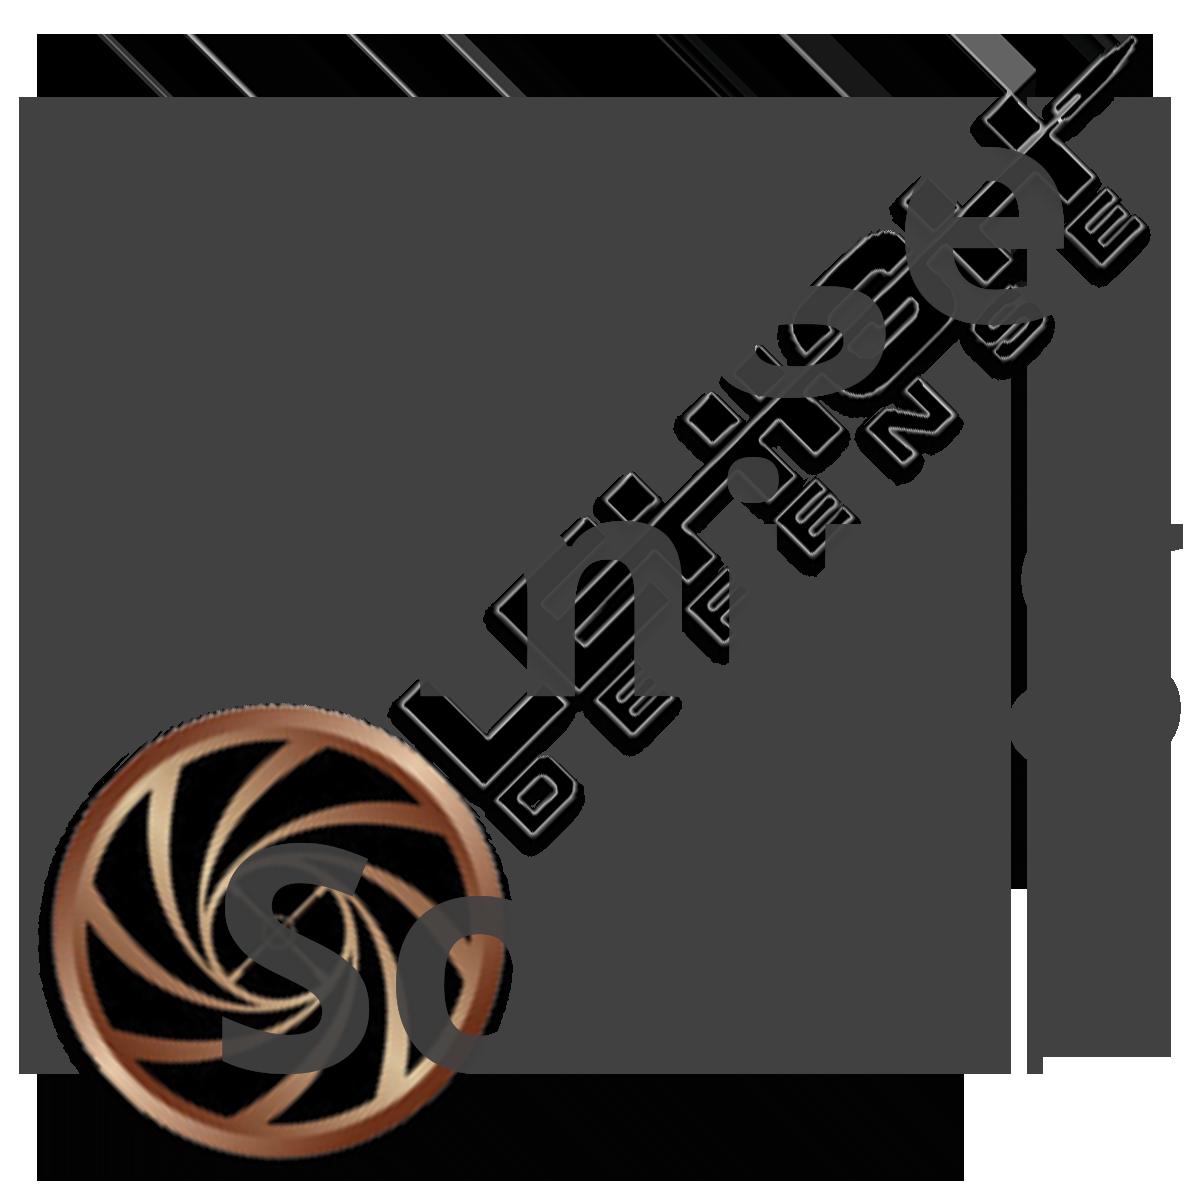 Maximum-Expansion-Bullets